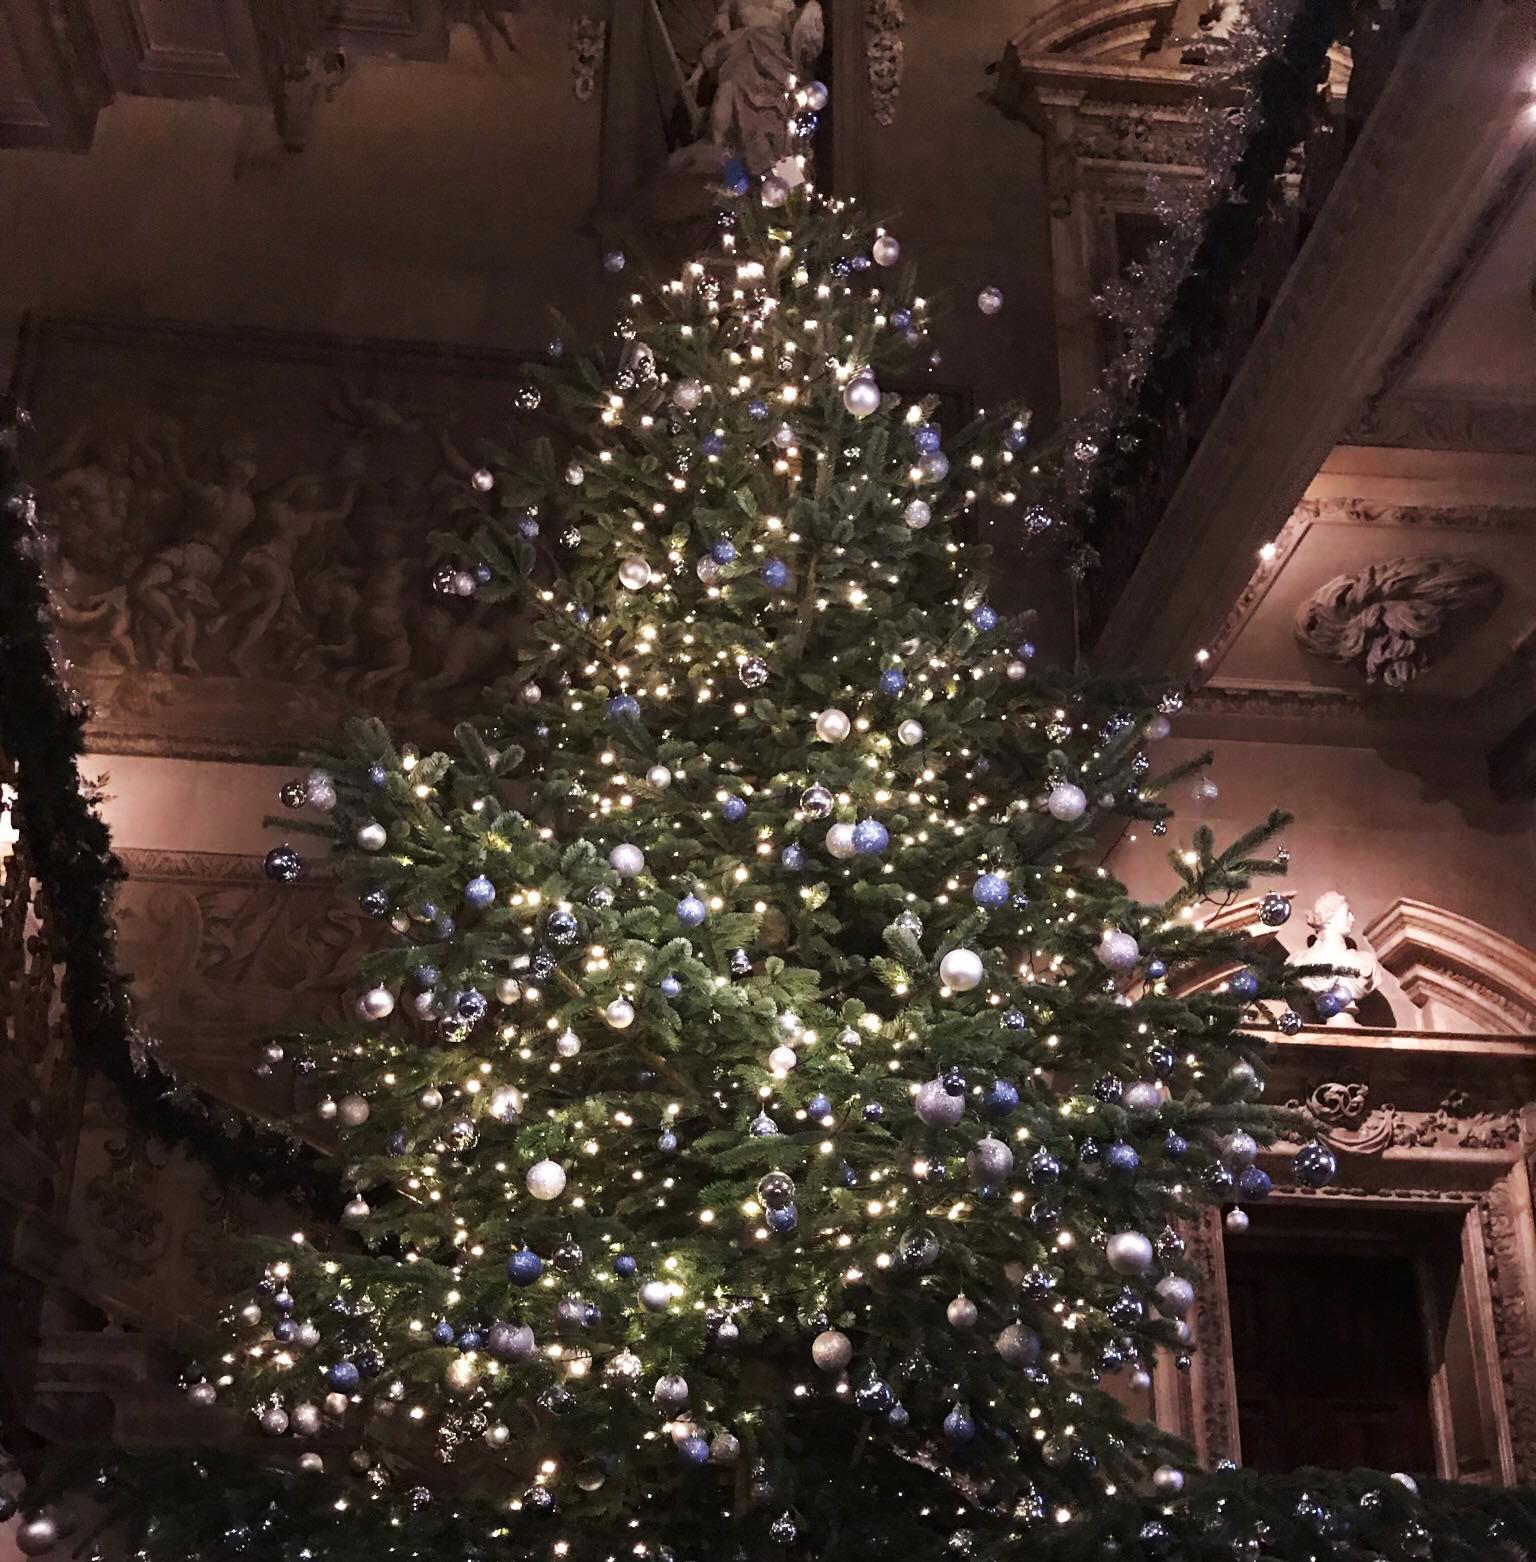 [終了]ピアノ演奏と楽しいトーク、そしてティータイムで皆様をおもてなし! 「イギリス館のクリスマスイベント」